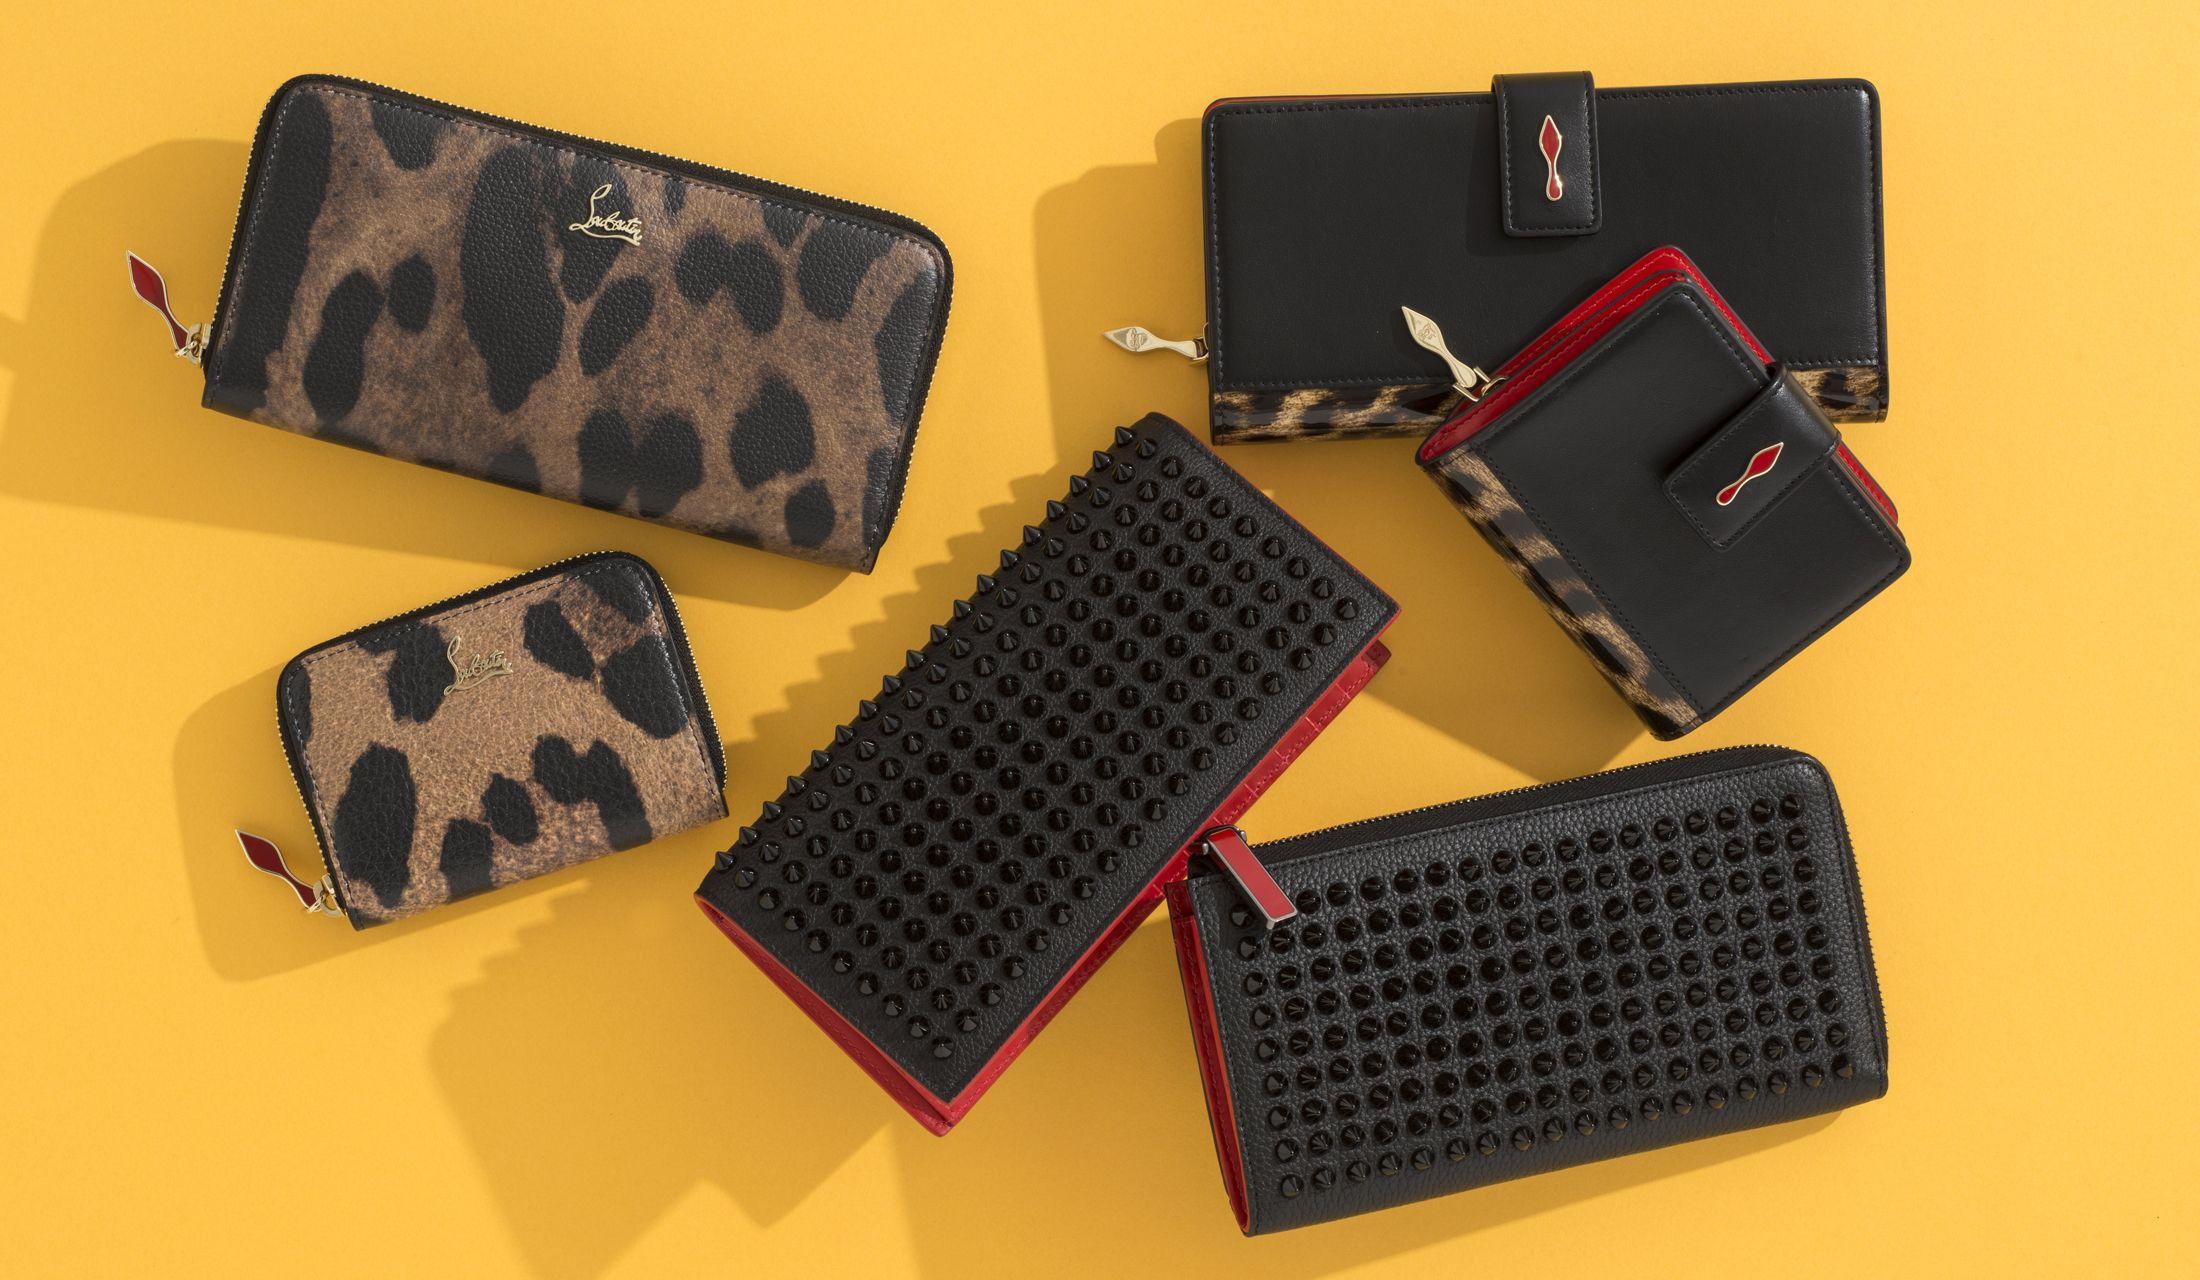 「Christian Louboutin」の長財布、二つ折り財布、コインケースの物写真